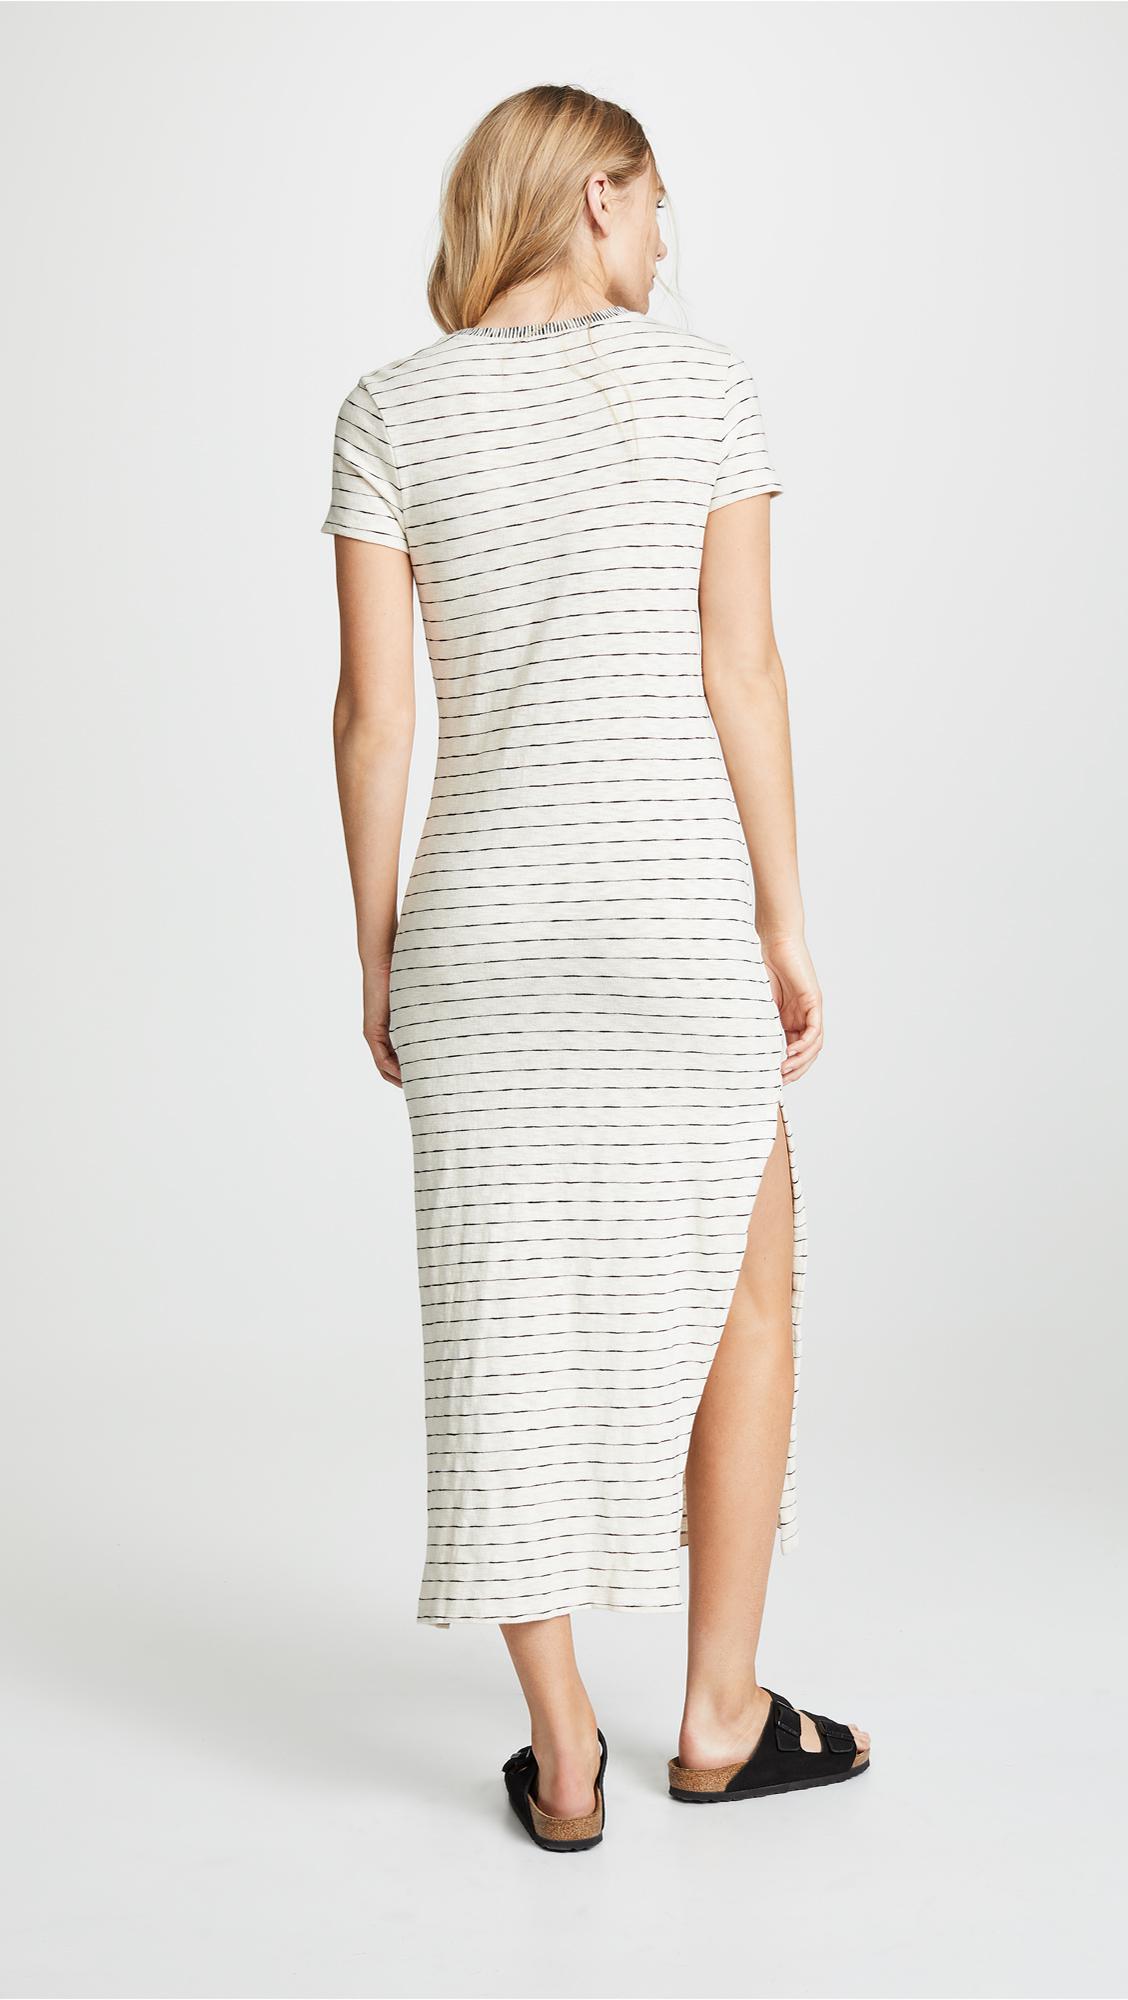 f15d76fe3c7 Lyst - Three Dots Stripe T-shirt Dress